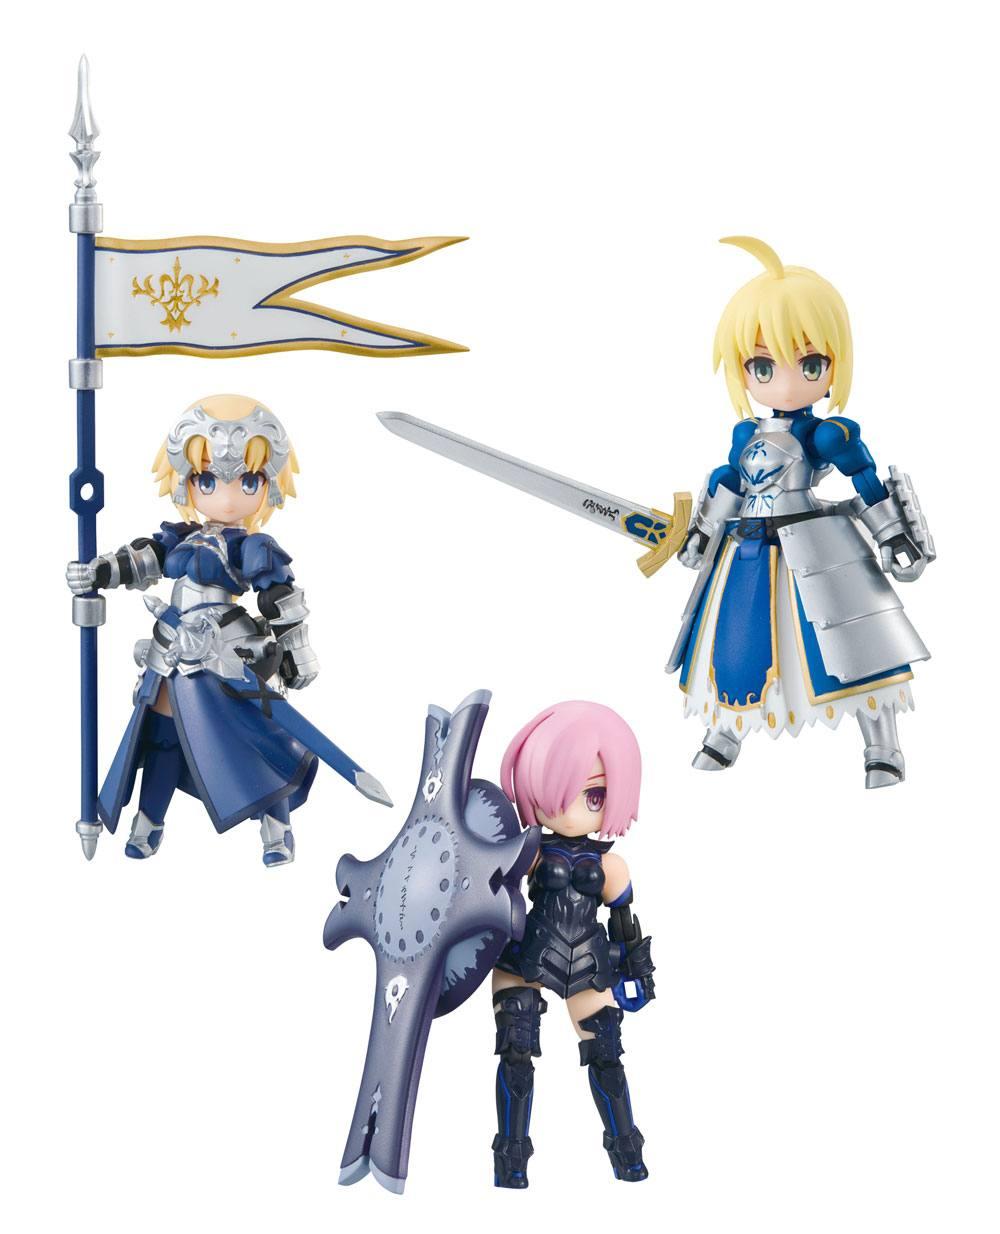 Fate/Grand Order Desktop Army Figures 8 cm Assortment Masch & Altria & Jeanne (3)